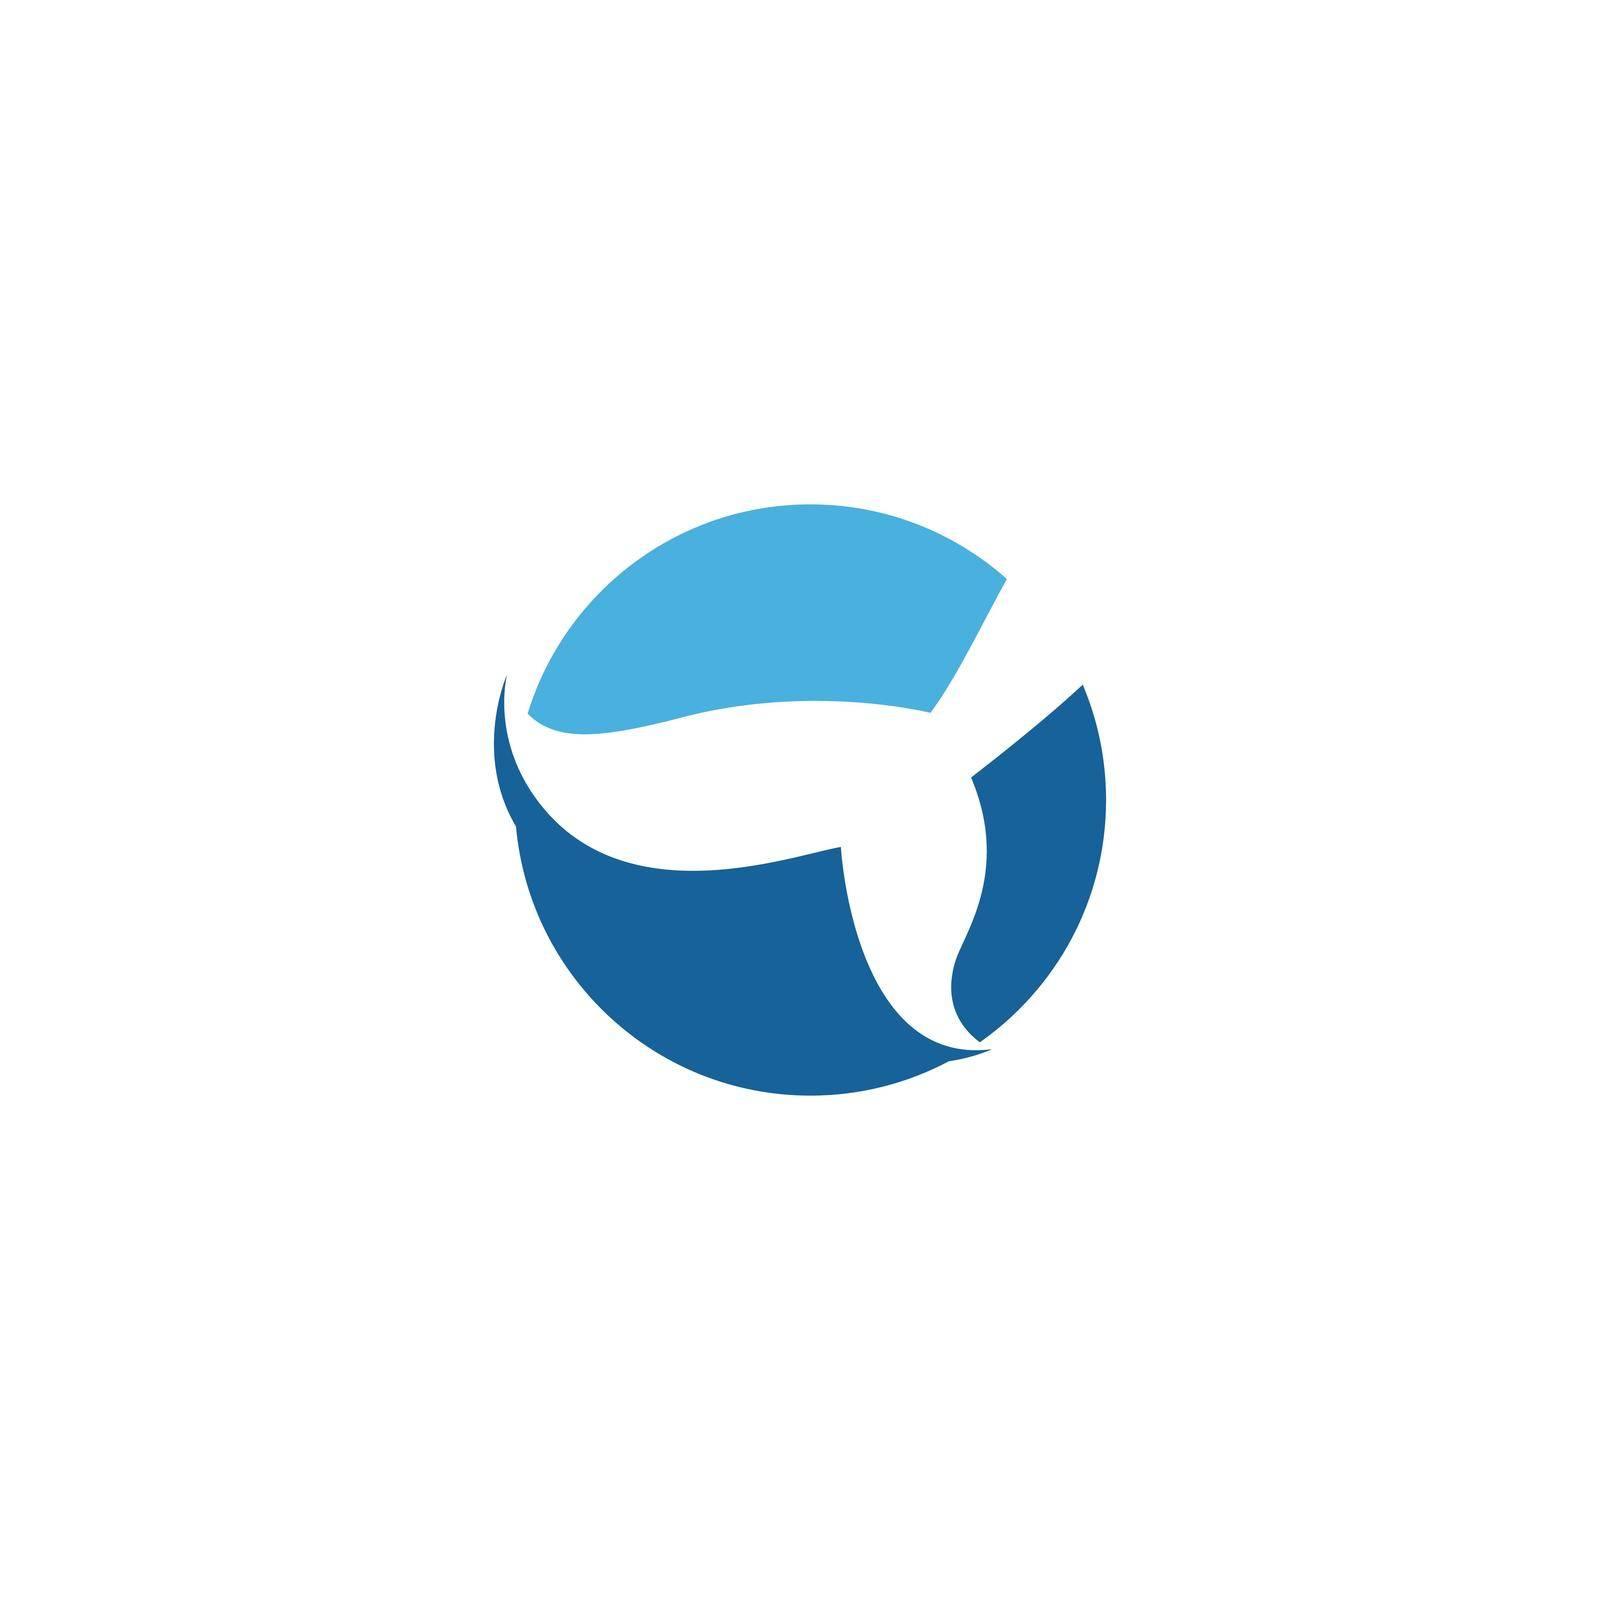 Mermaid illustration logo vector design